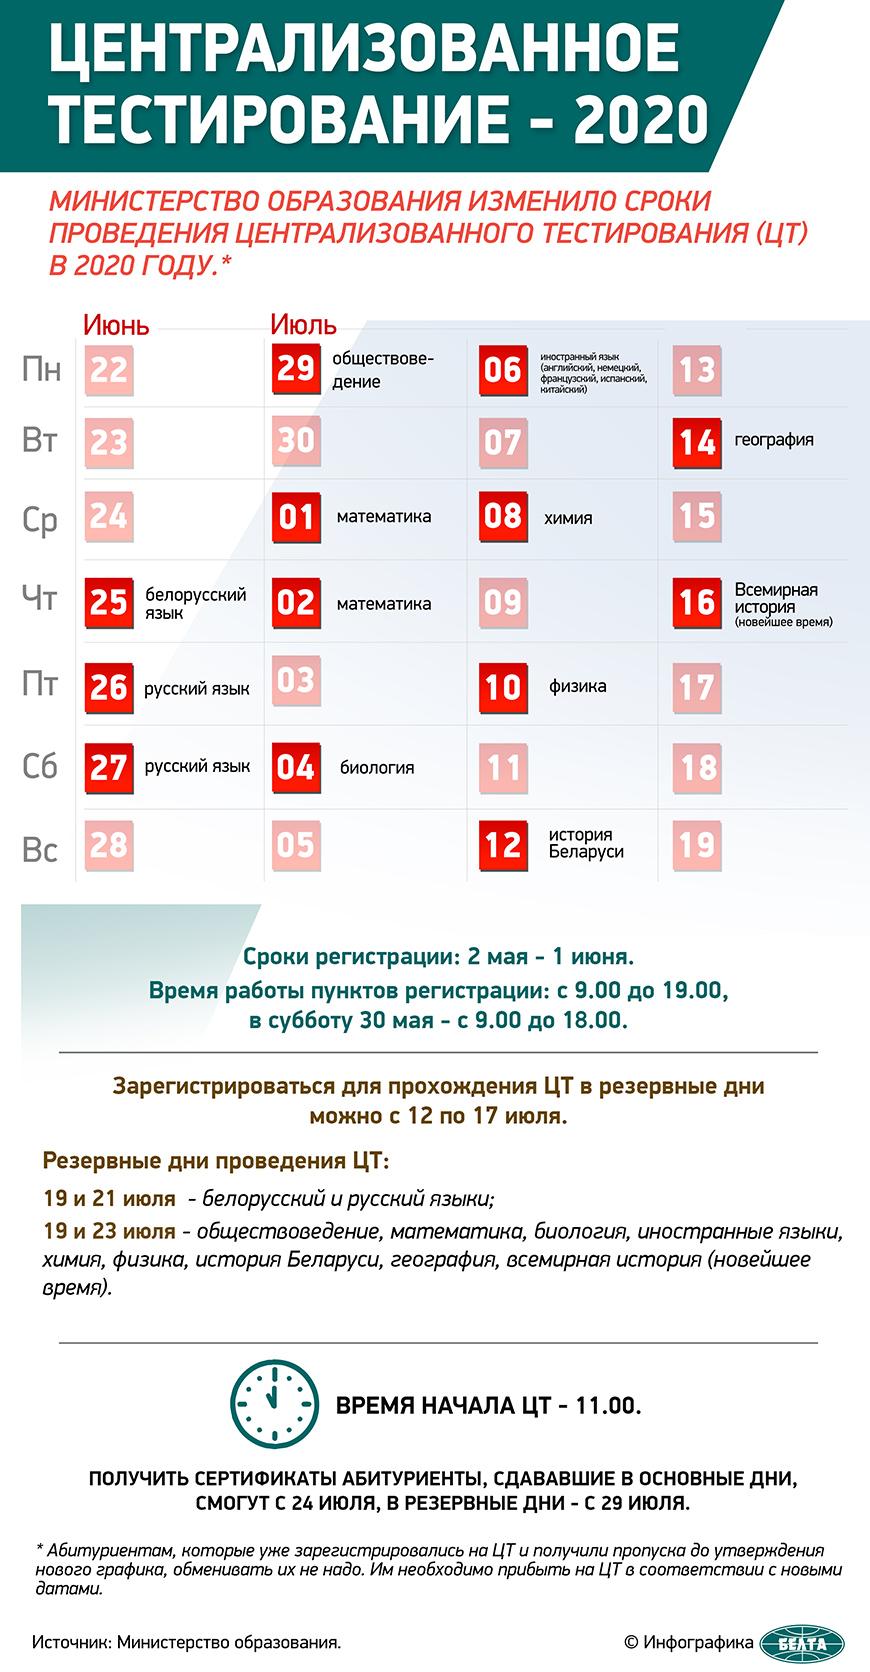 С 25 июня в Беларуси начинается централизованное тестирование: расписание